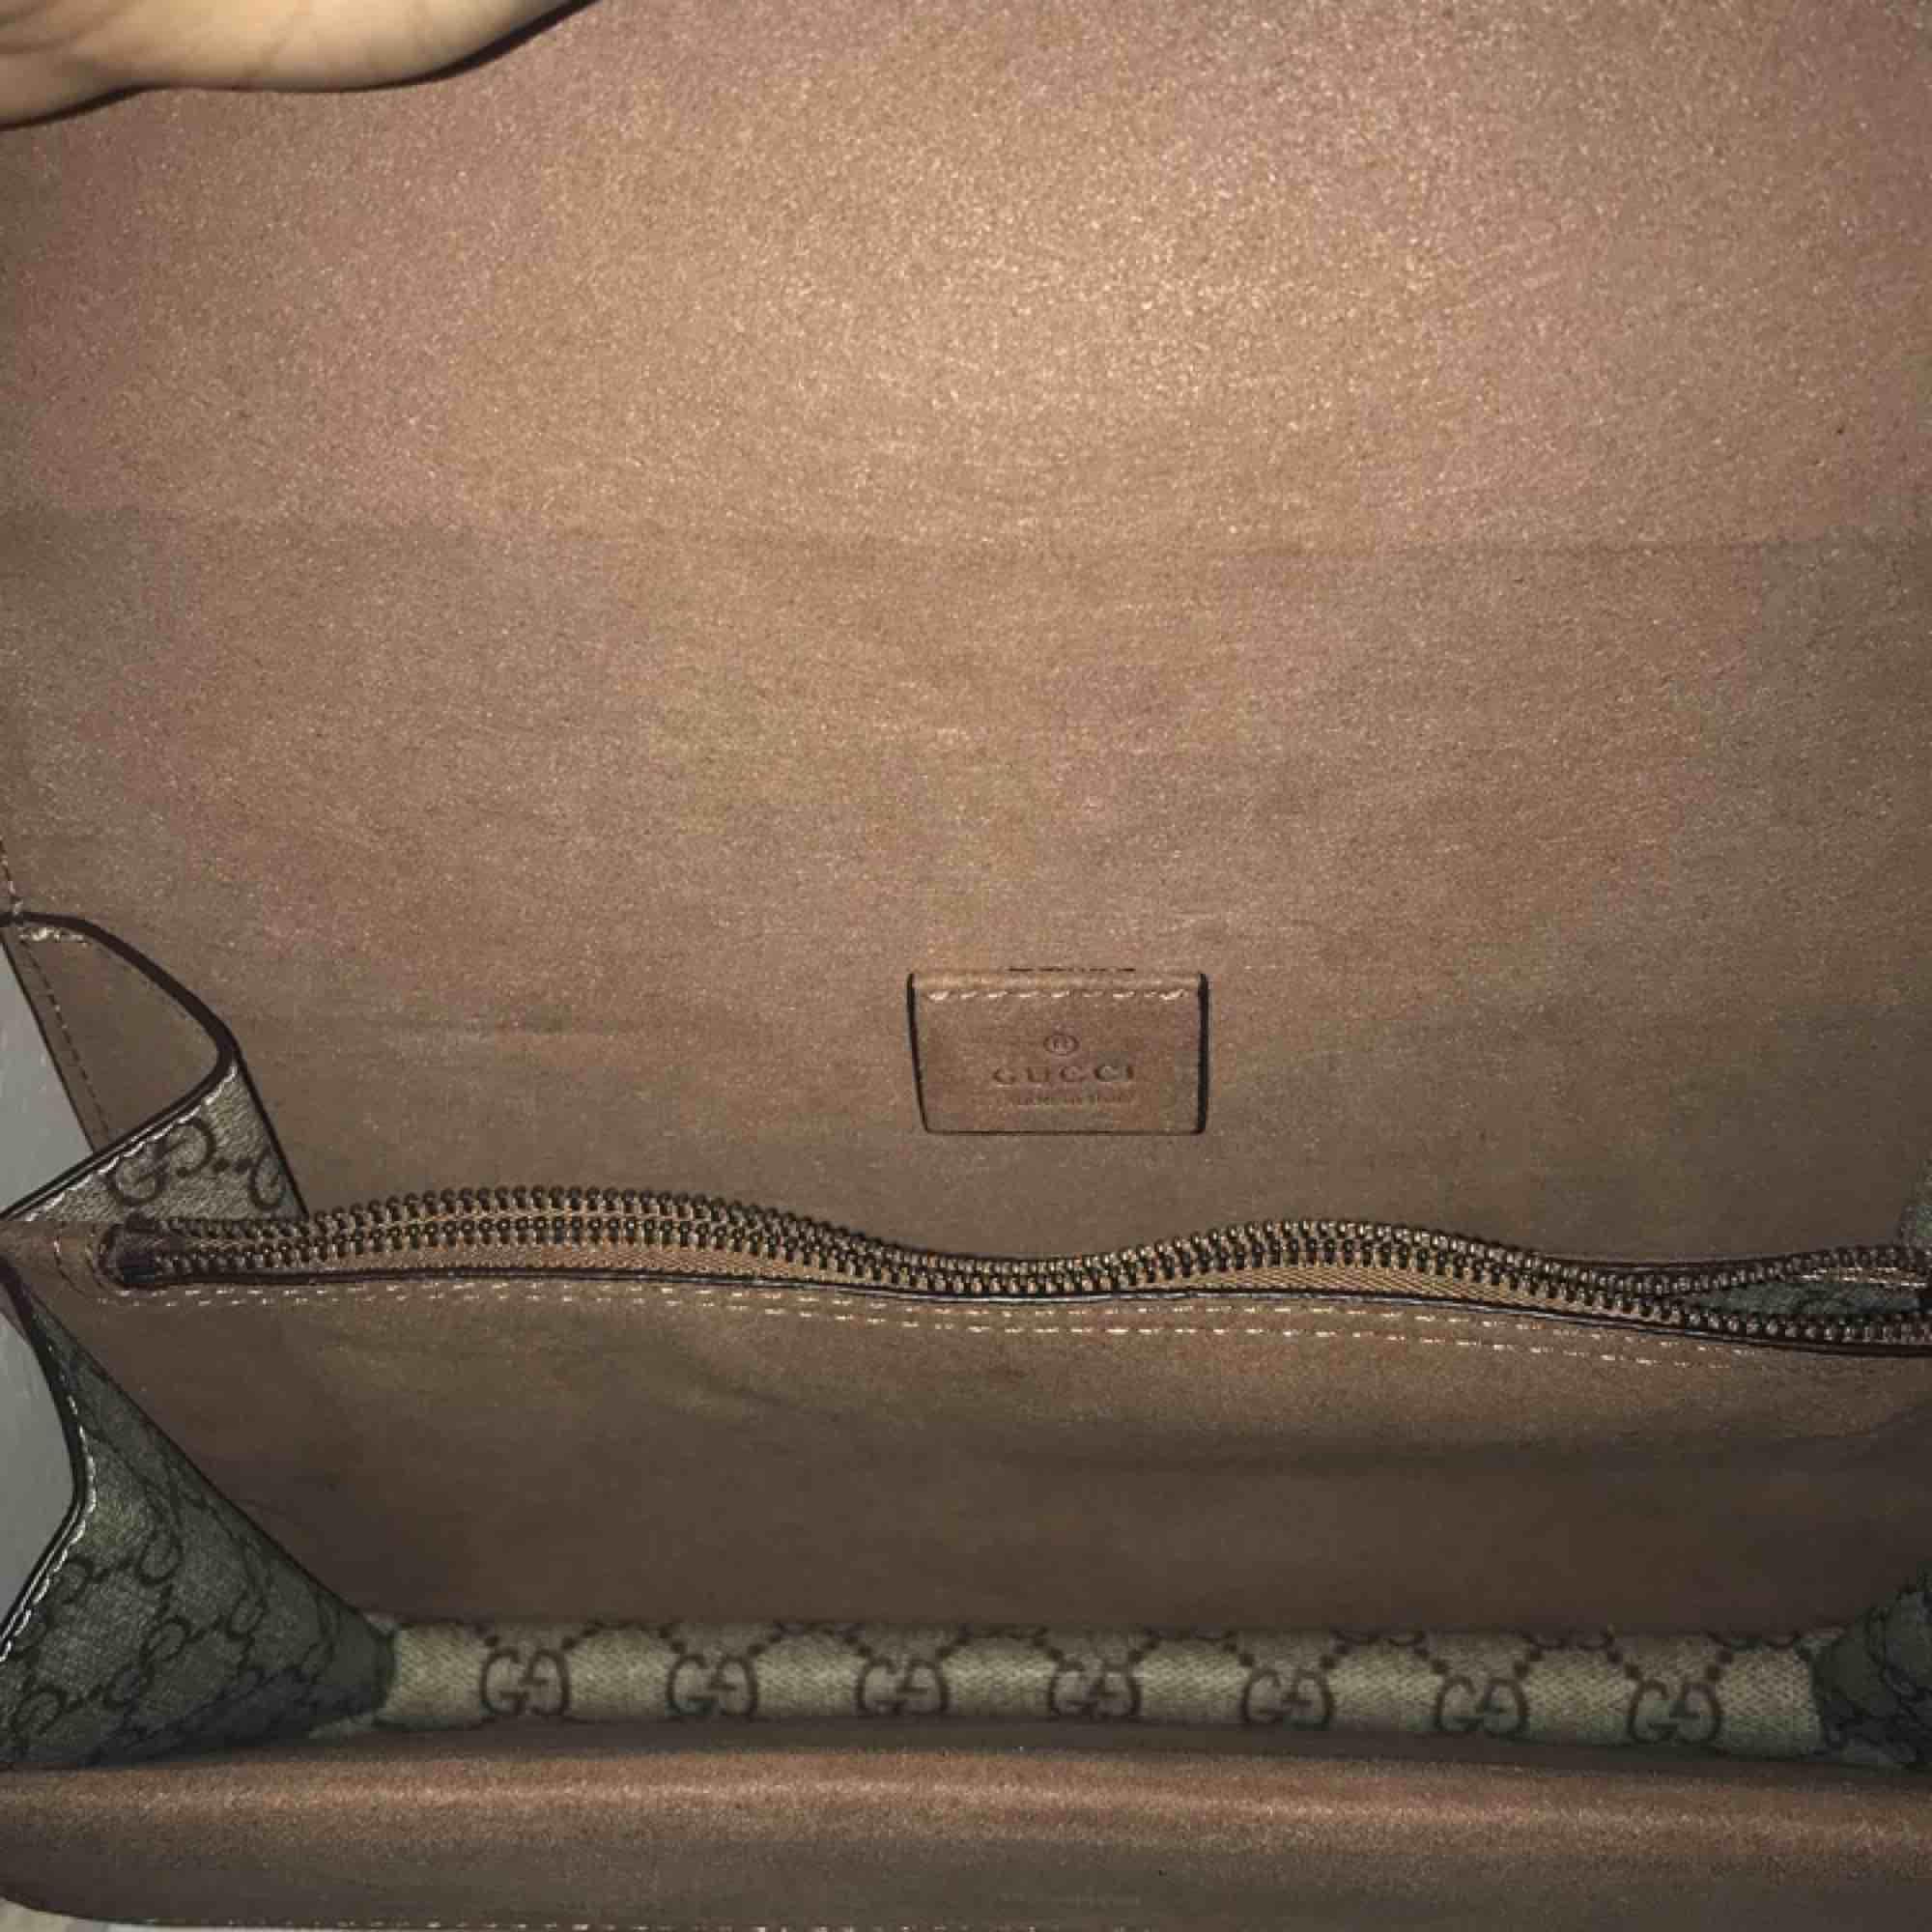 Intresse kollar nu min AA-kopia av Gucci väskan som är väldigt populär. 🦋🦋(Intresse kollar) 🦋🦋. Väskor.